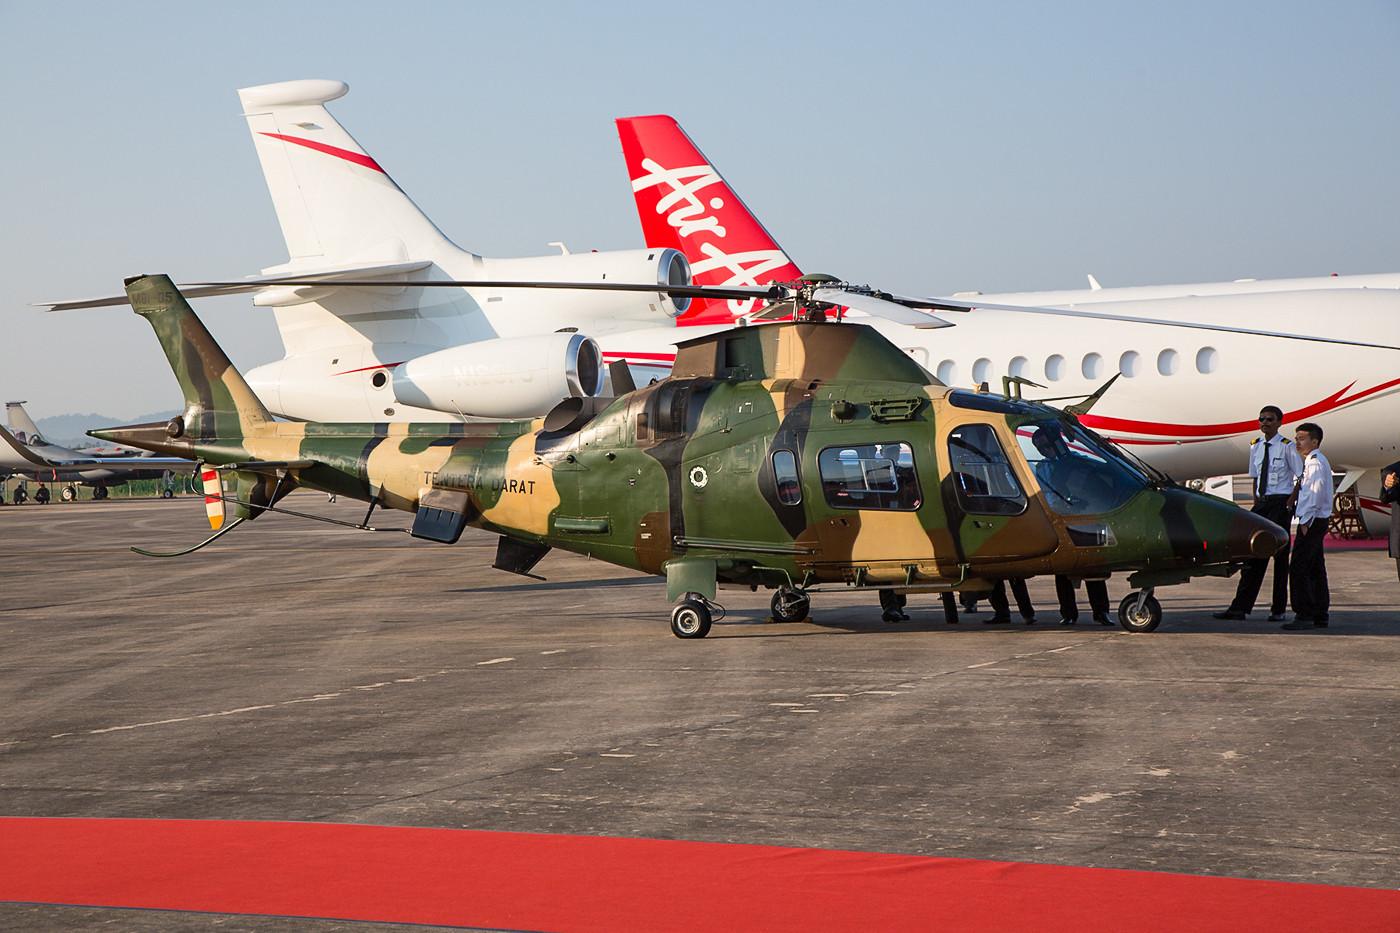 Insgesamt 11 Stück der Agusta A-109LOH sind bei der Army im Einsatz, ihre Heimat ist Kluang an der Südspitze der malaysischen Halbinsel.